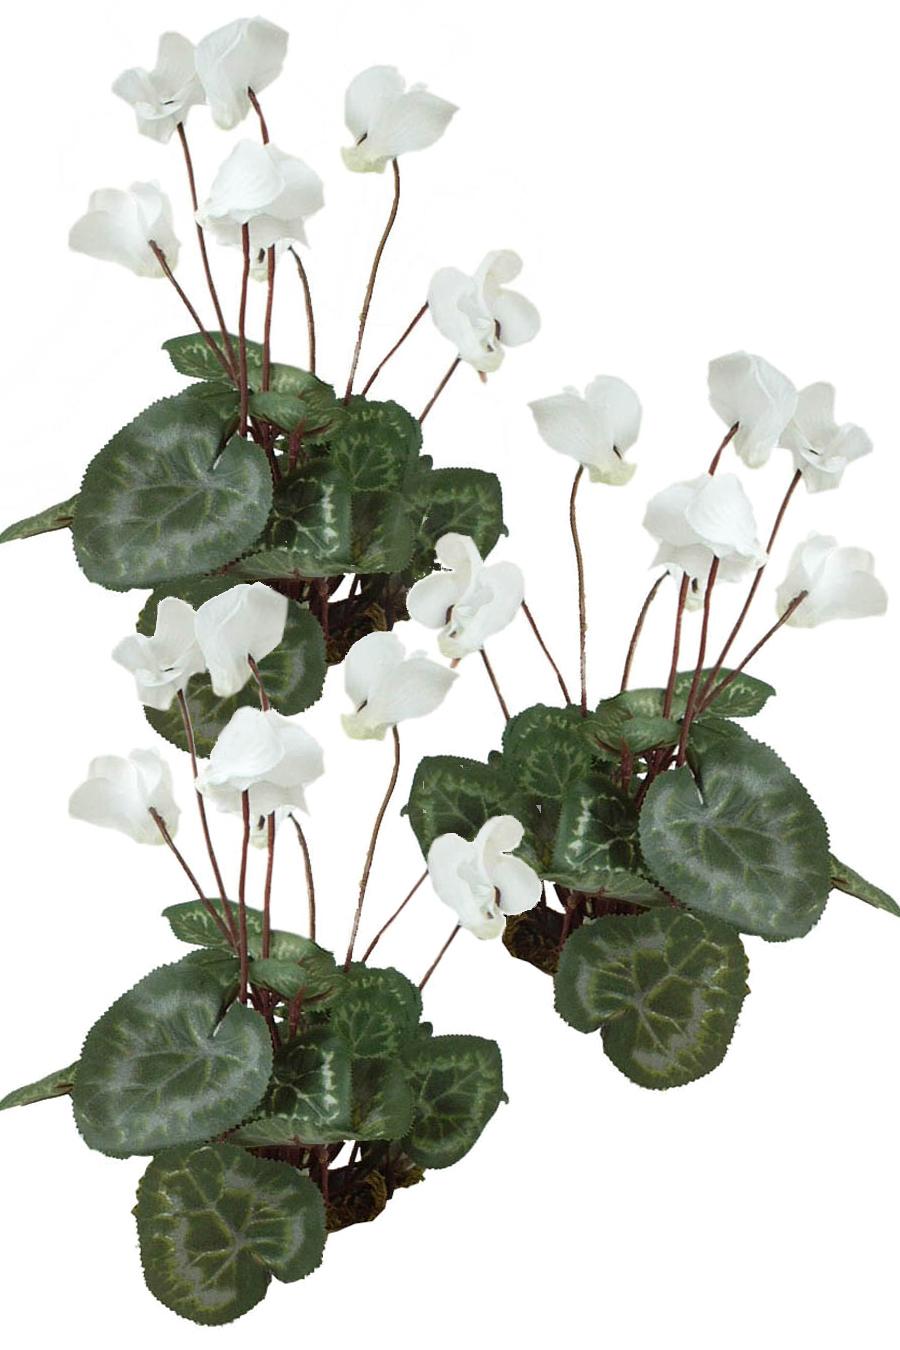 Cyclamen White 3 Silk Flowers Artificial Arrangements Pene Dene